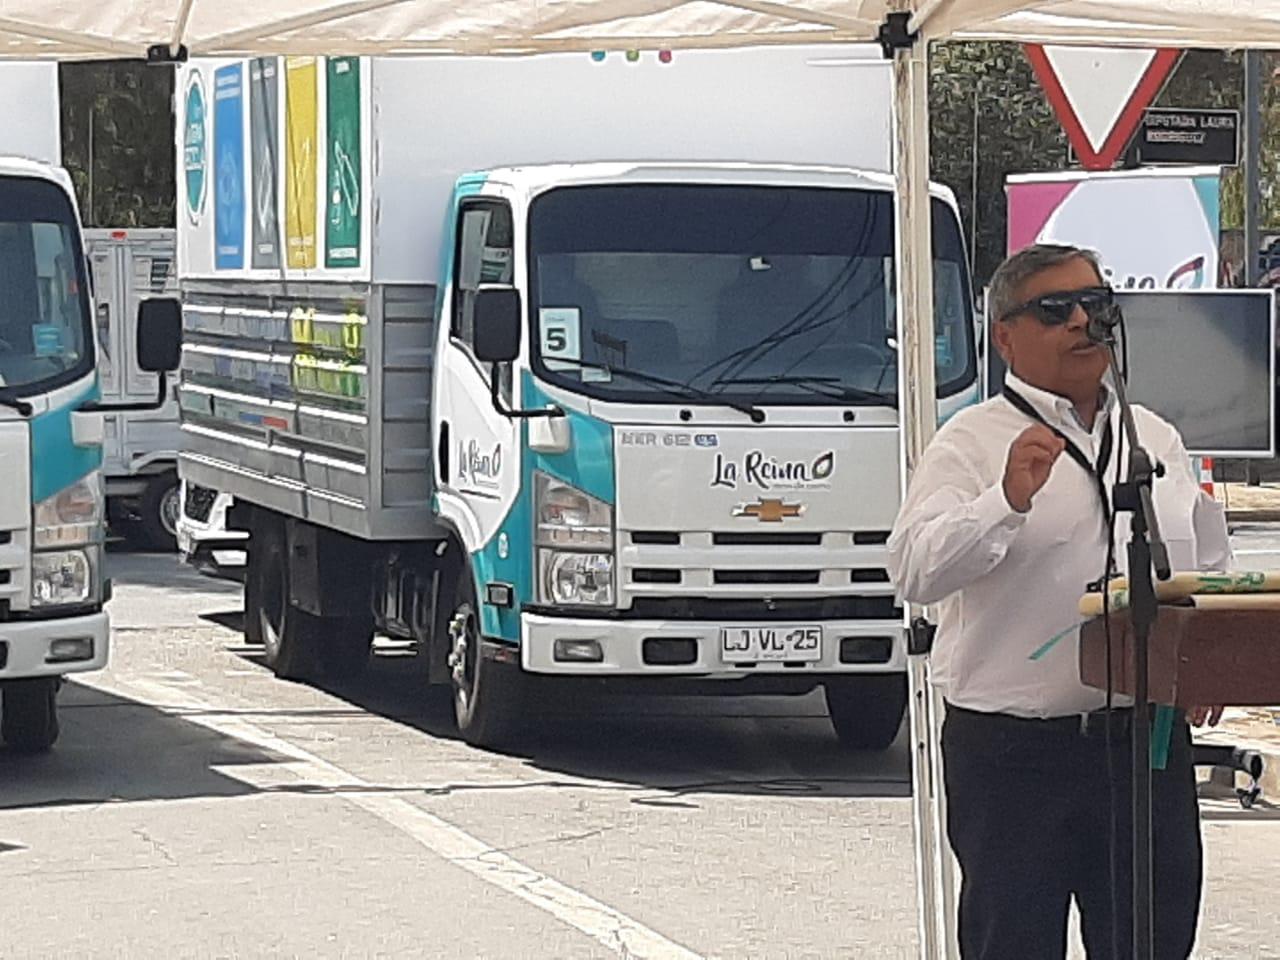 La Reina lanza oficialmente Programa de Reciclaje con apoyo de Msur